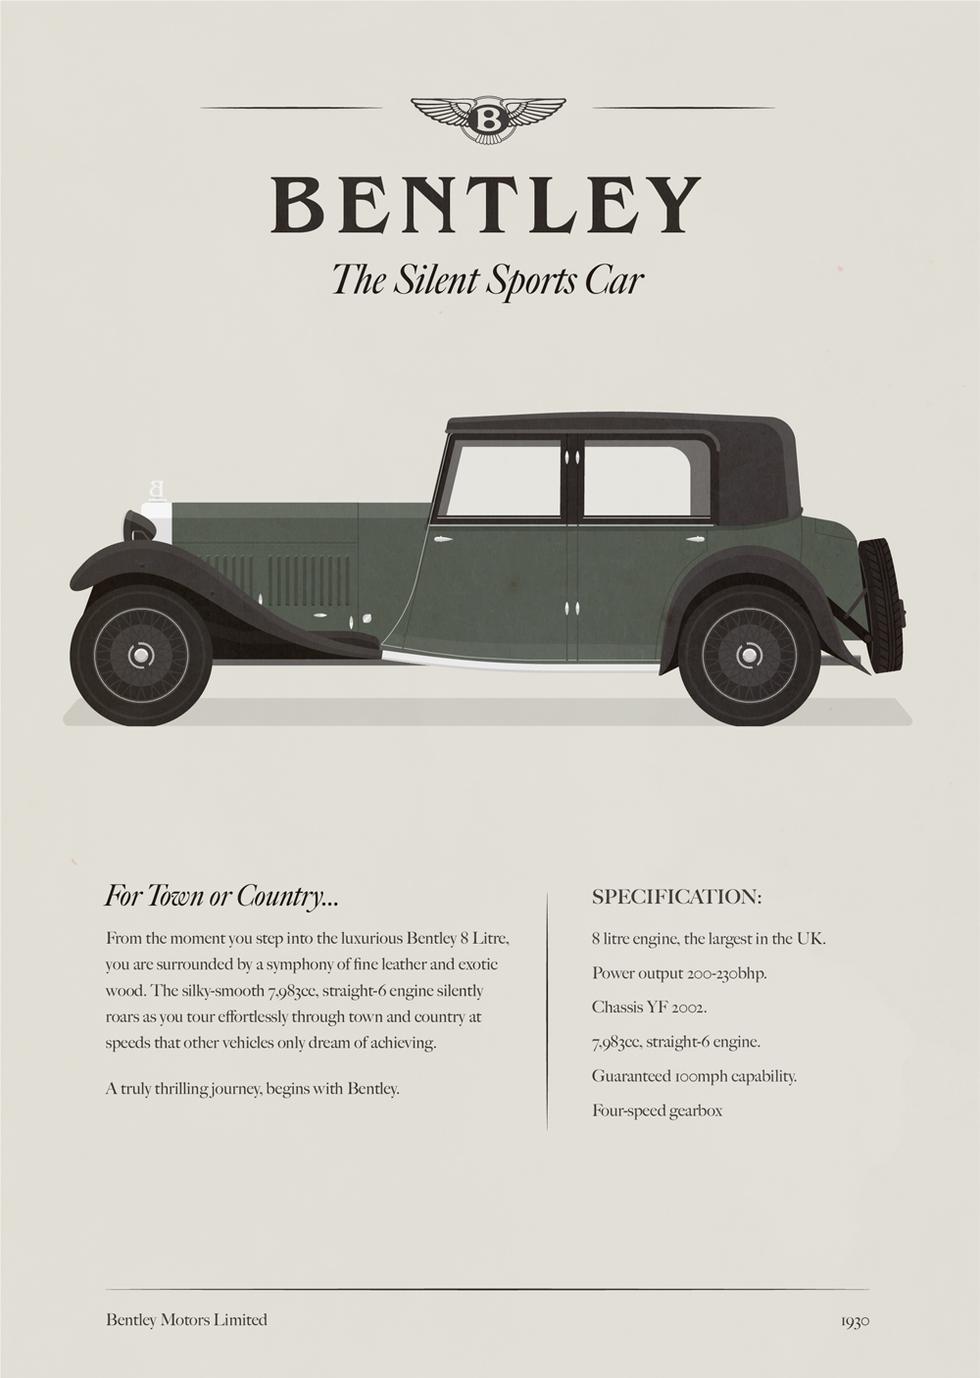 Bentley_8litre_Dan_Kindley_.png